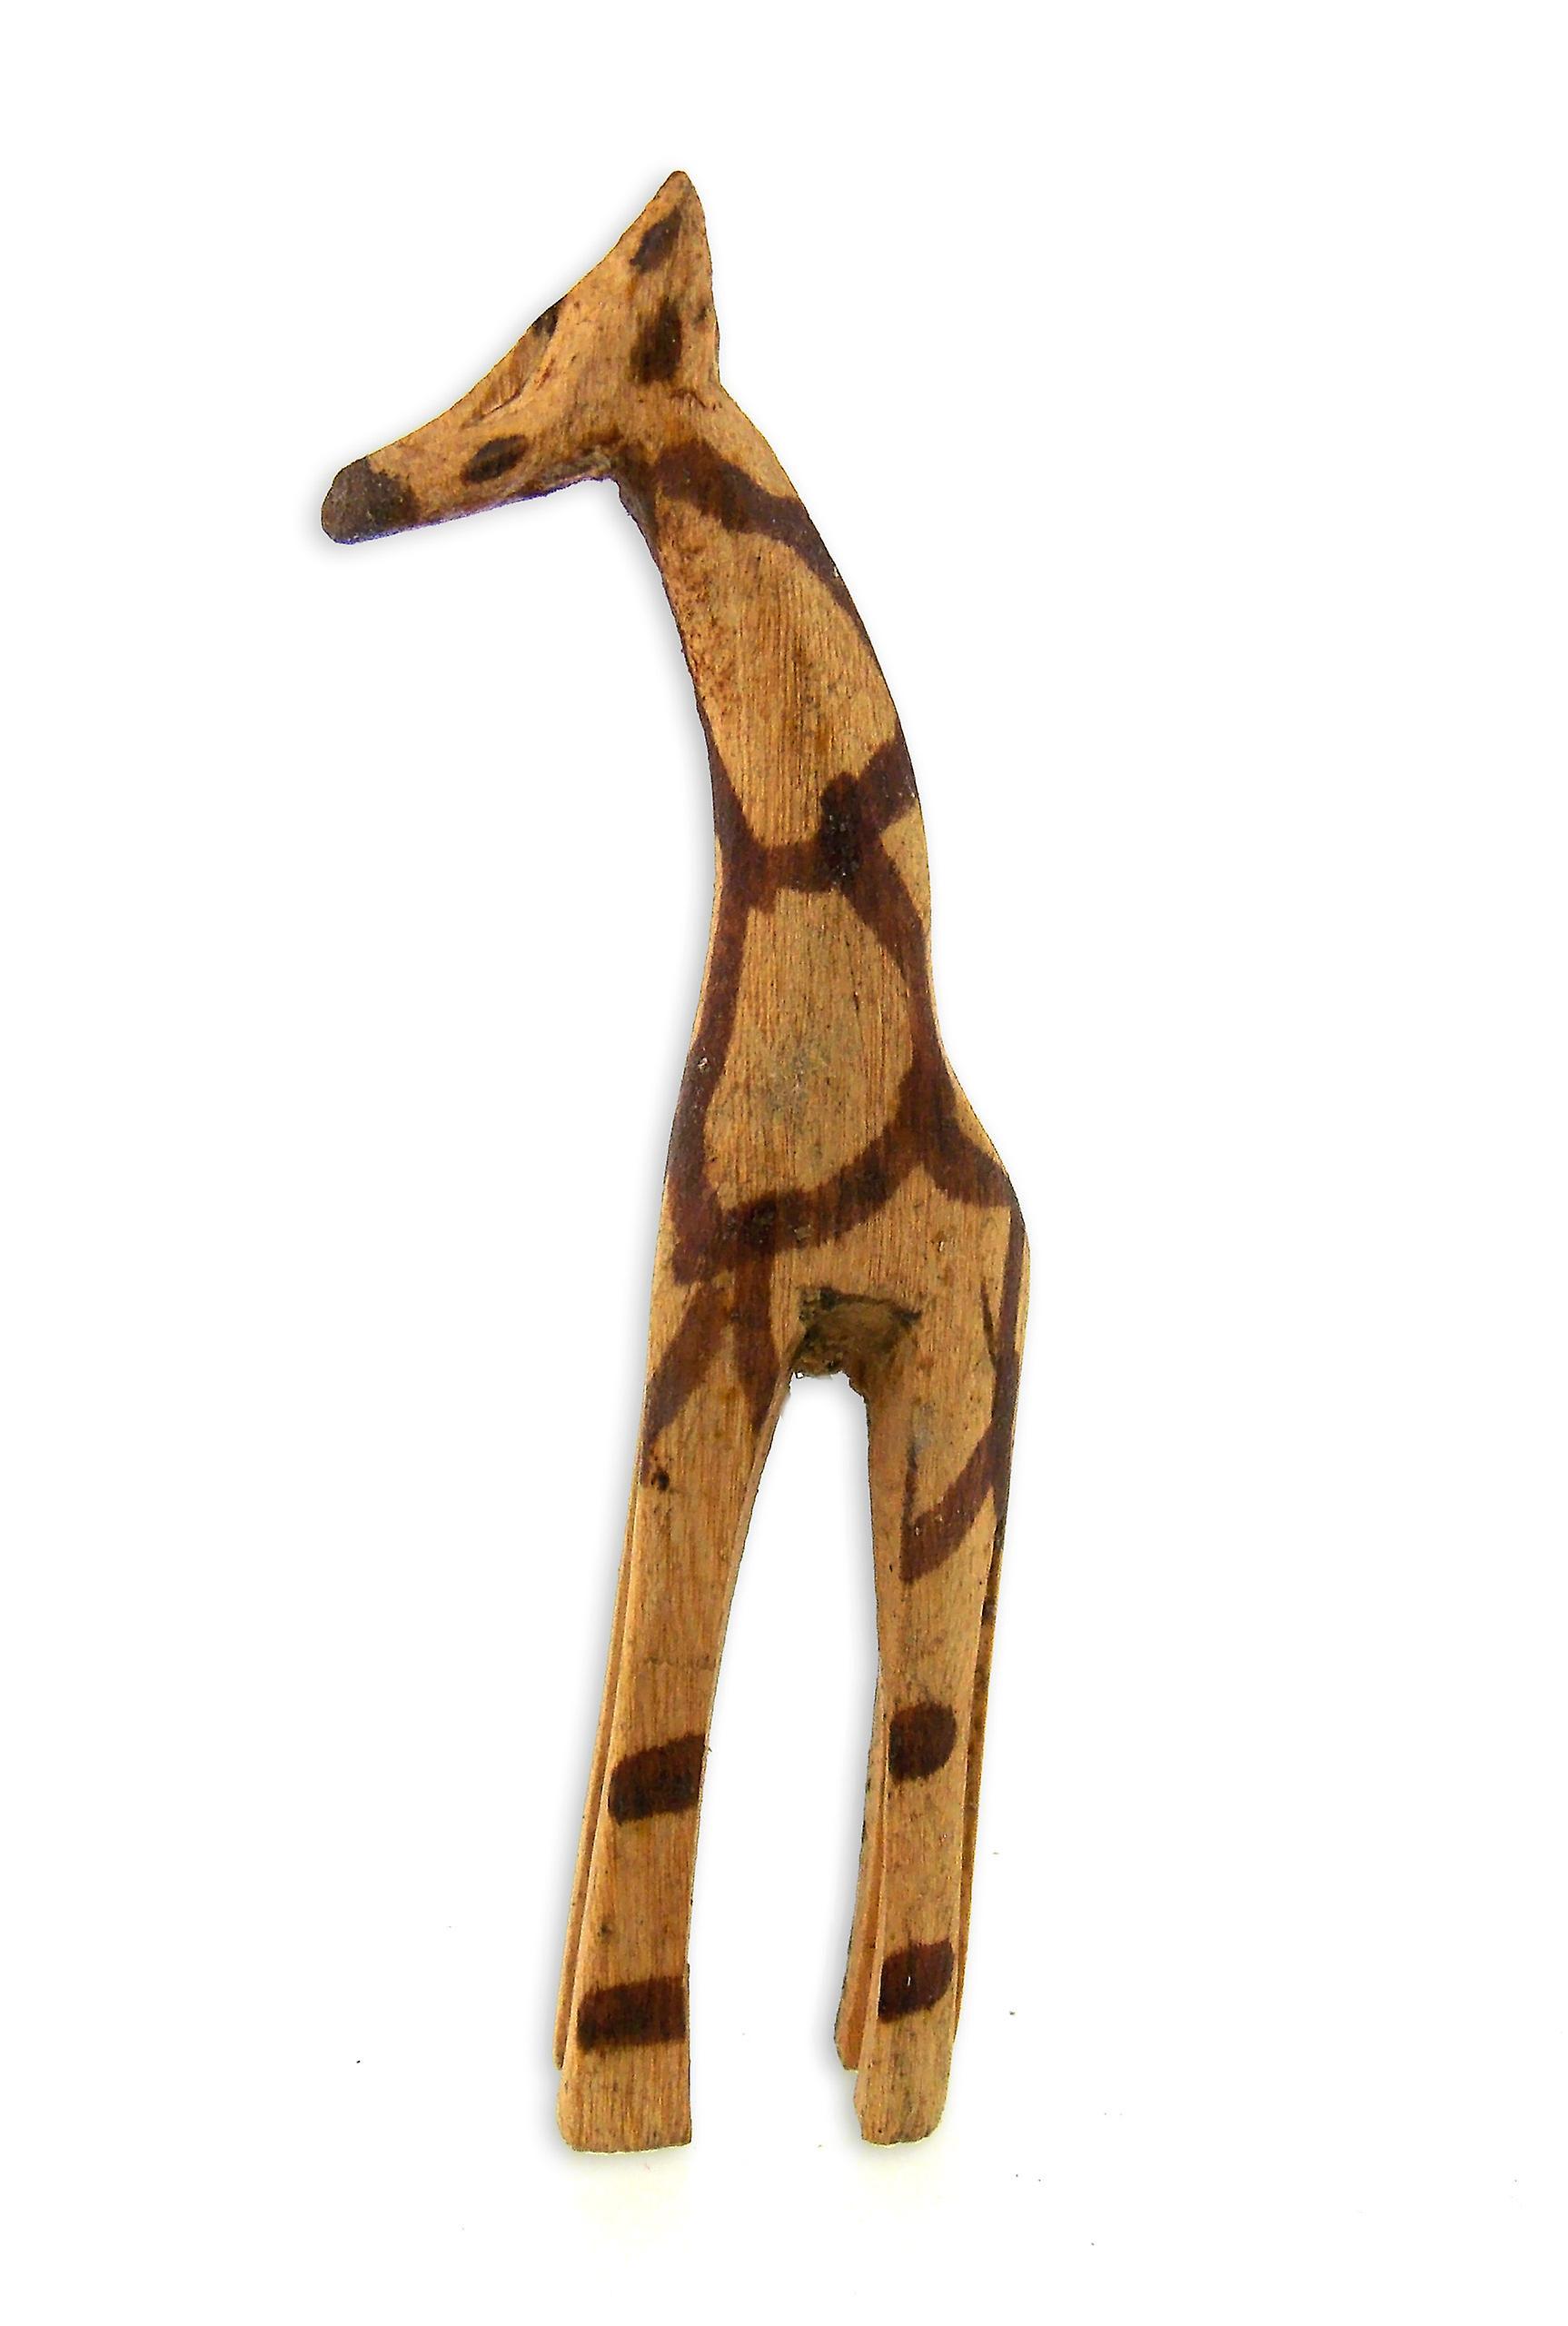 Vintage Wooden Giraffe Figurine Family - 5 Piece Set